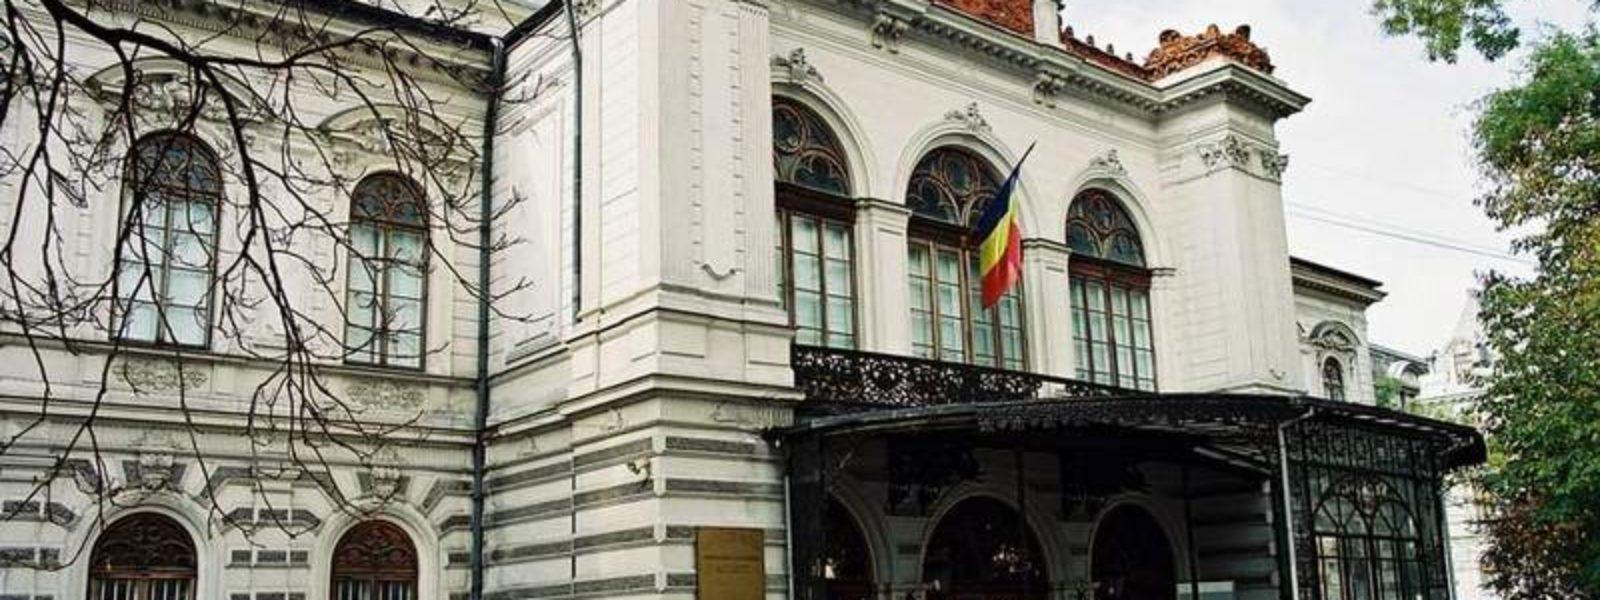 Palatul Sutu - Muzeul Municipiului Bucuresti